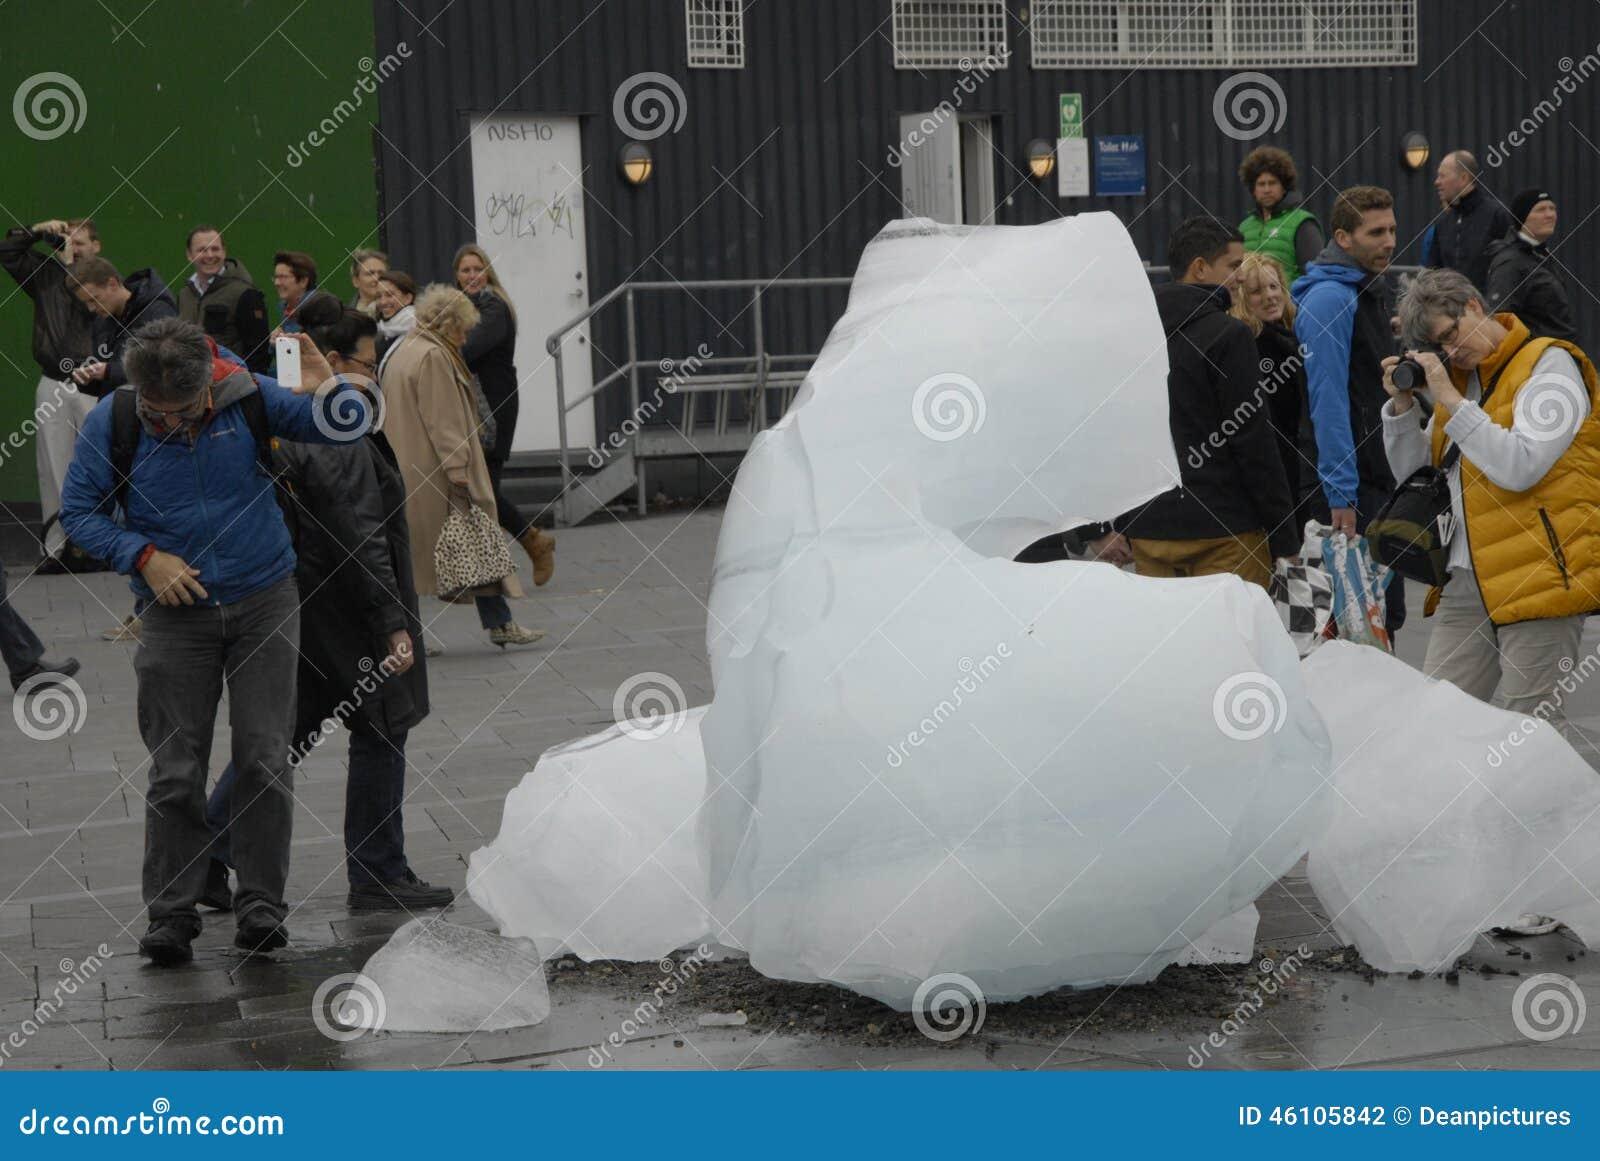 从NUK格陵兰的冰块